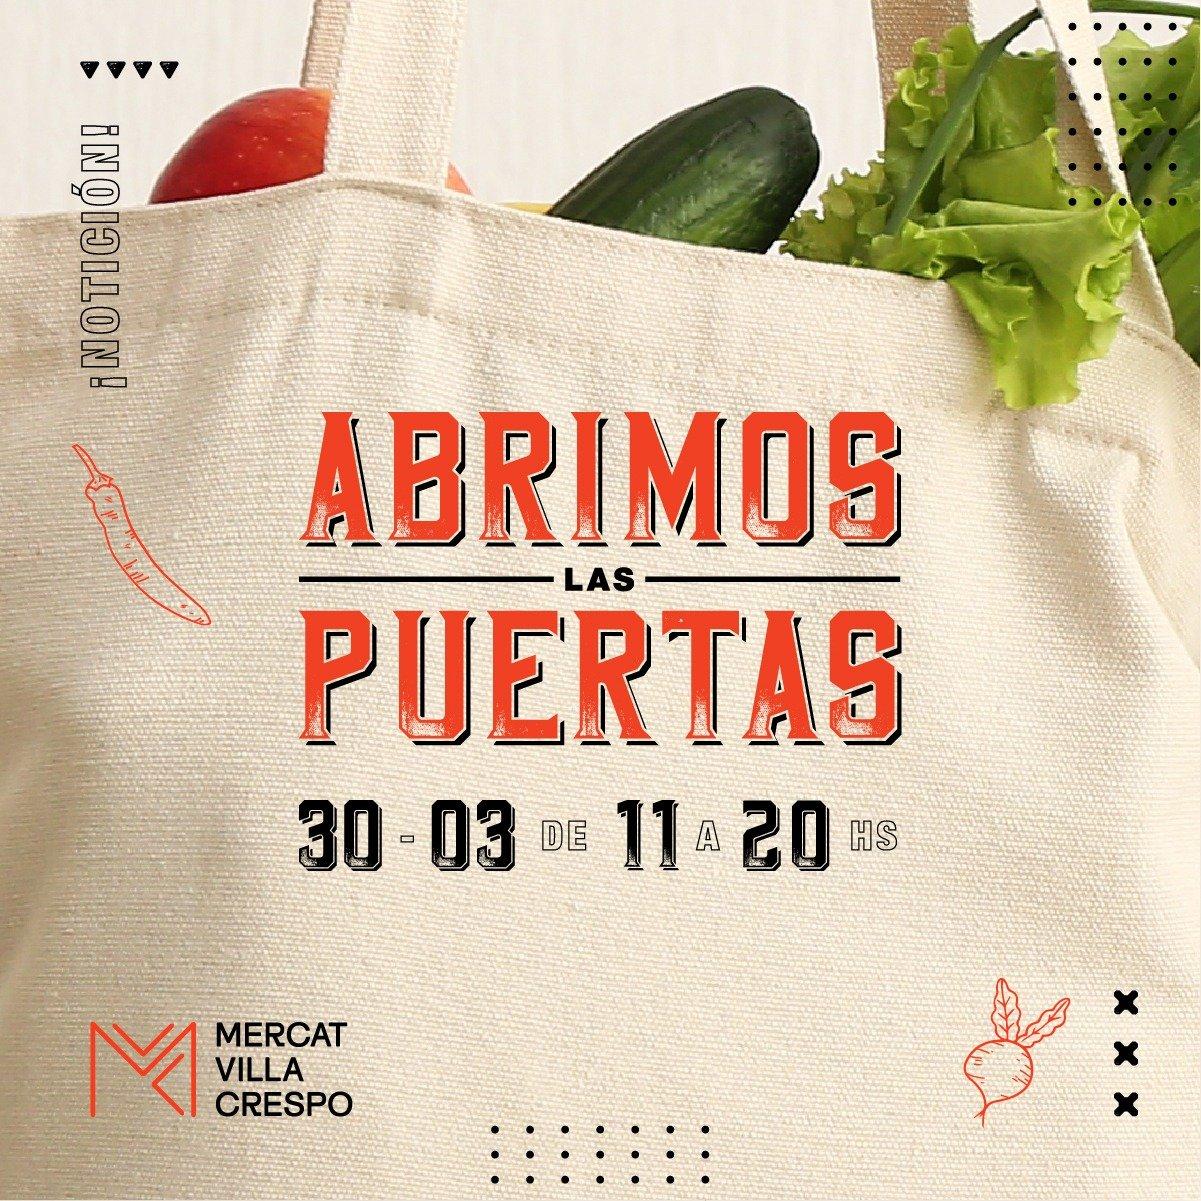 Apertura de Mercat Villa Crespo e flyer